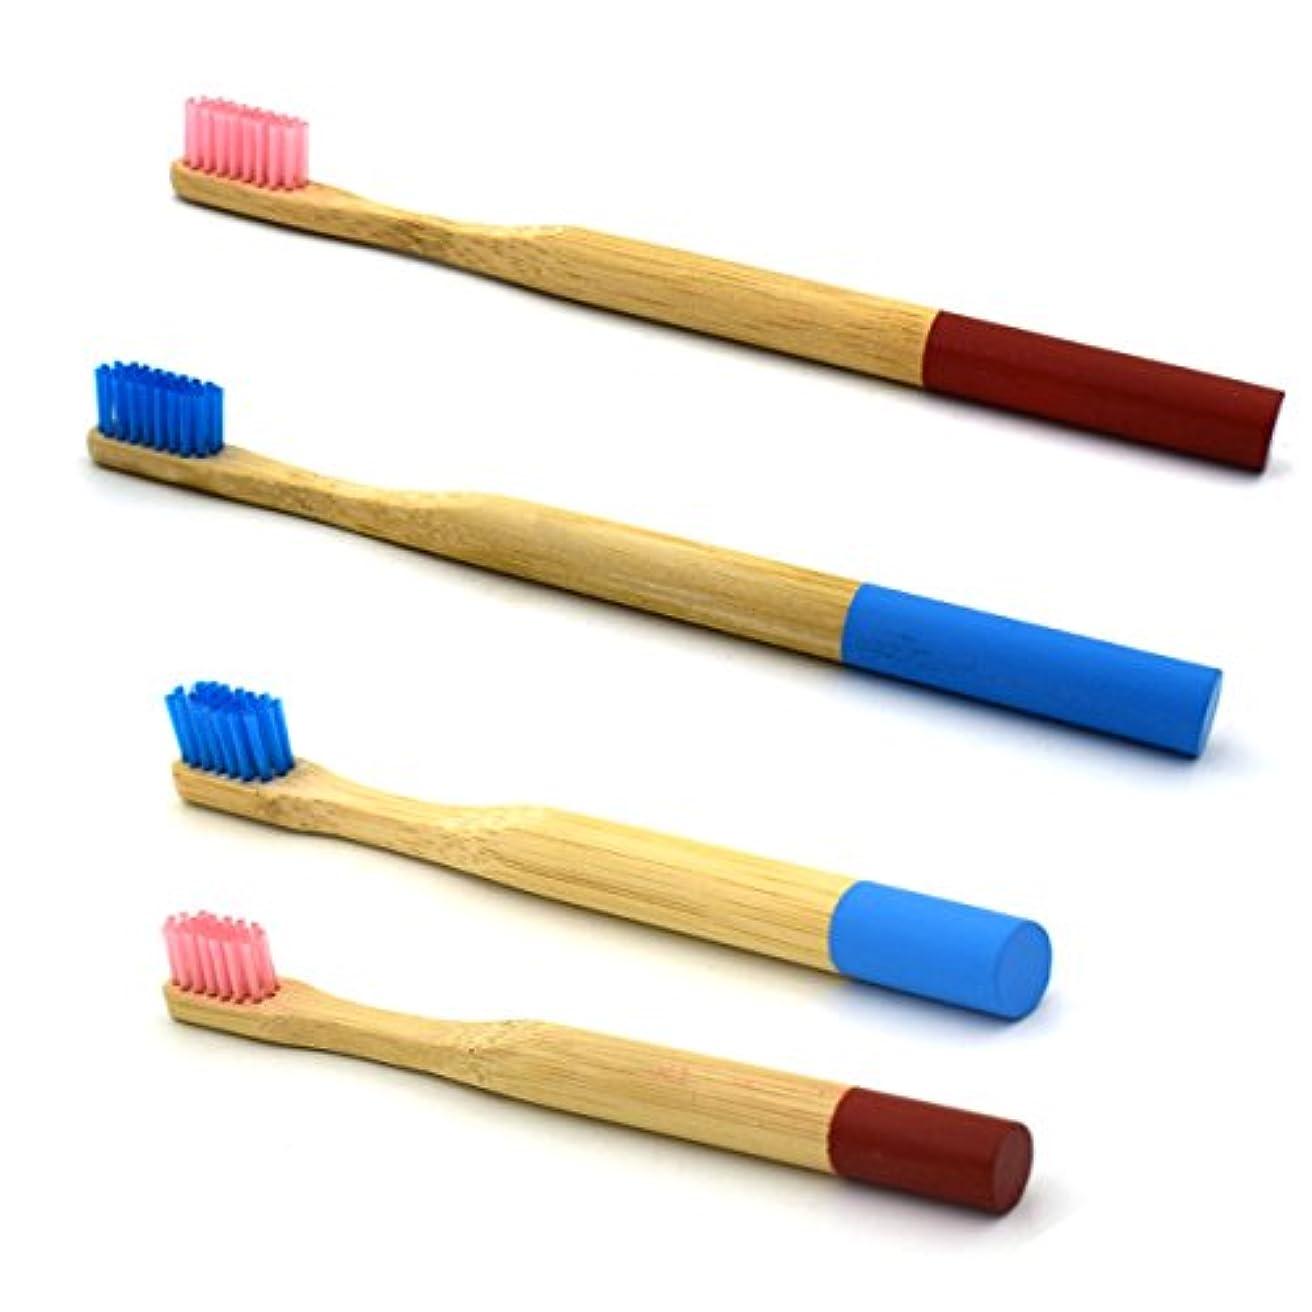 セラフ衝突コース緩やかなROSENICE 2組 竹の歯ブラシ 自然な竹エコフレンドリーな柔らかい毛の旅行の歯ブラシ(青+ピンク)